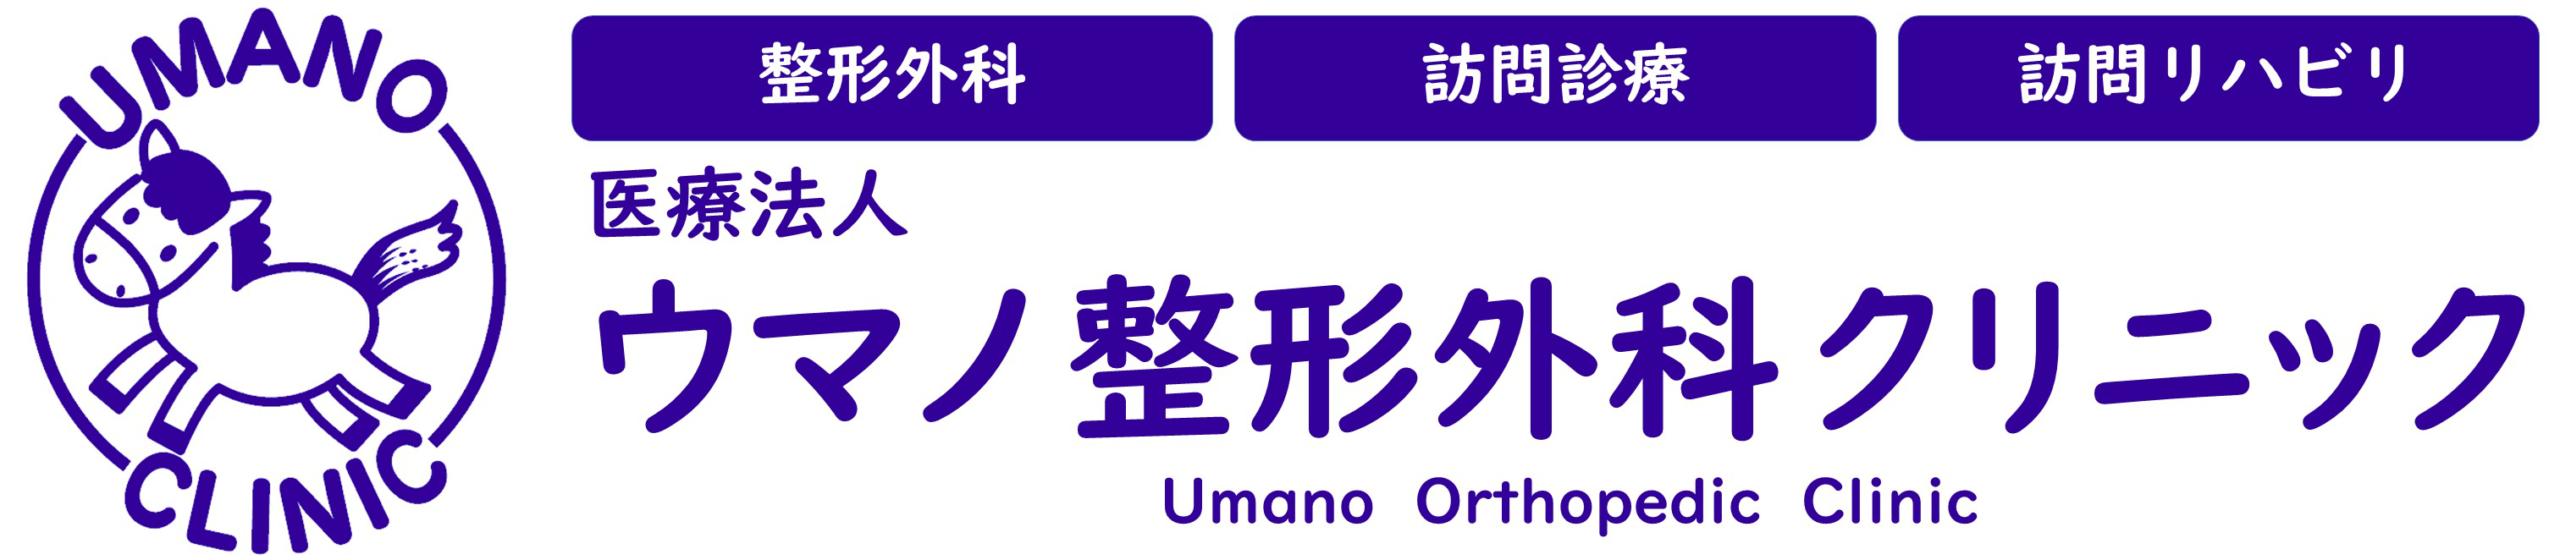 ウマノ整形外科クリニック|大阪市東住吉区|整形外科、訪問診療、訪問リハビリ